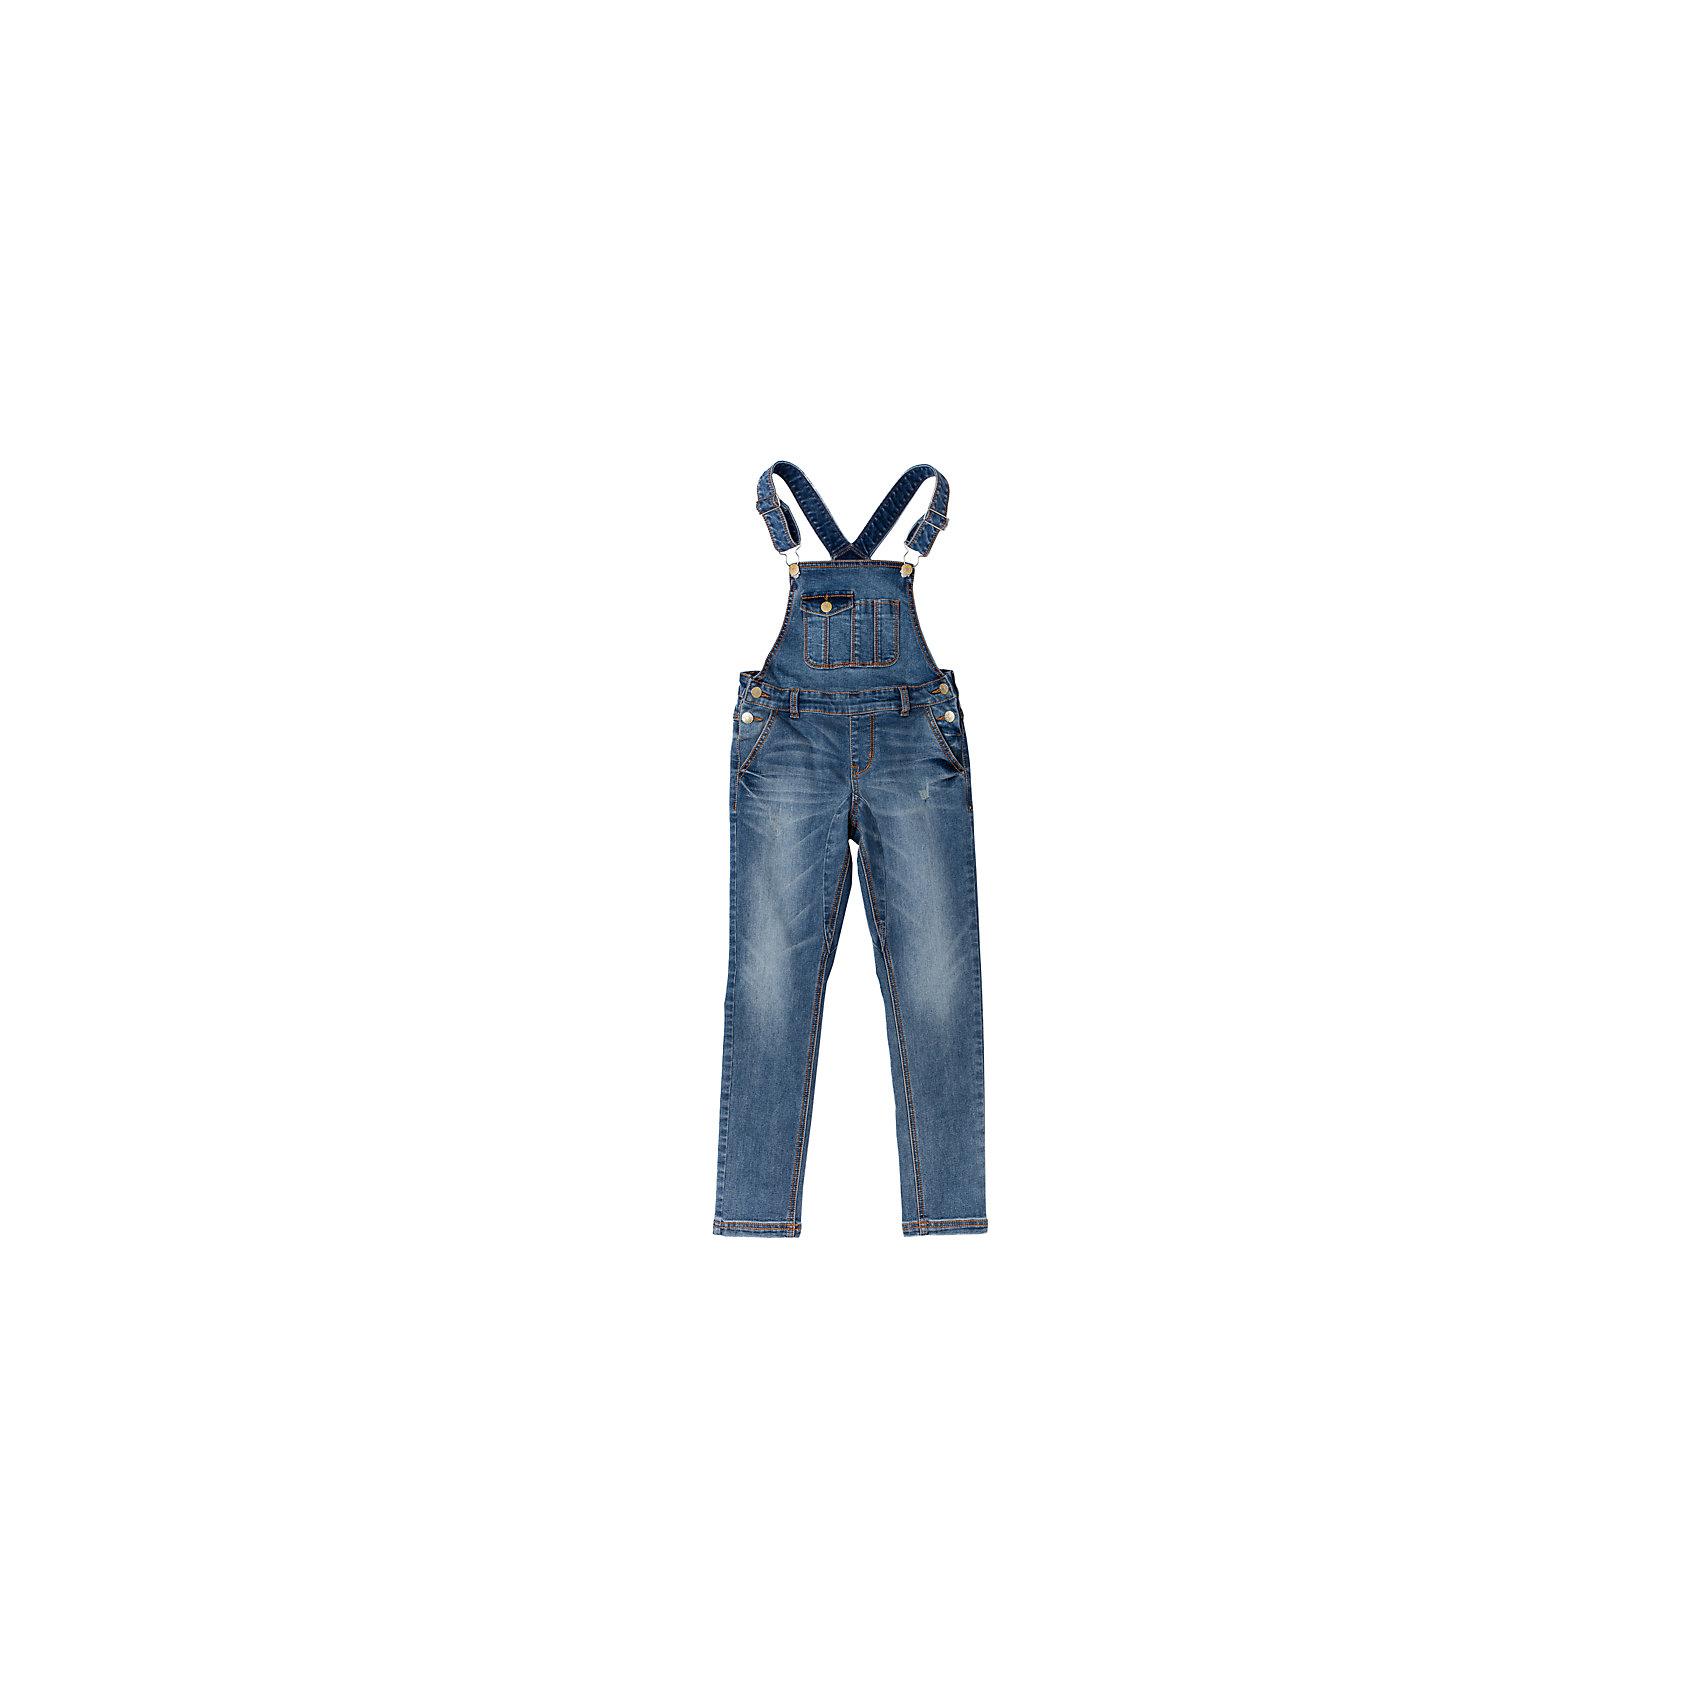 Комбинезон джинсовый для девочки ScoolКомбинезоны<br>Полукомбинезон для девочки Scool<br>Полукомбинезон из джинсовой ткани с эффектом потертости сможет быть одной из базовых вещей в гардеробе Вашей модницы! Хорошо сочетается с футболками и водолазками.  Пуговицы - болты являются удачным стильным и практичным решением. Мягкая ткань приятна к телу. Не сковывает движений. Комбинезон с высокой грудкой и широкими бретелями.Преимущества: Свободный крой не сковывает движенийНатуральный материал приятен к телу и не вызывает раздраженийМодель на пуговицах - болтах<br>Состав:<br>72% хлопок, 23% полиэстер, 3% вискоза, 2% эластан<br><br>Ширина мм: 215<br>Глубина мм: 88<br>Высота мм: 191<br>Вес г: 336<br>Цвет: голубой<br>Возраст от месяцев: 156<br>Возраст до месяцев: 168<br>Пол: Женский<br>Возраст: Детский<br>Размер: 164,134,140,146,152,158<br>SKU: 5406883